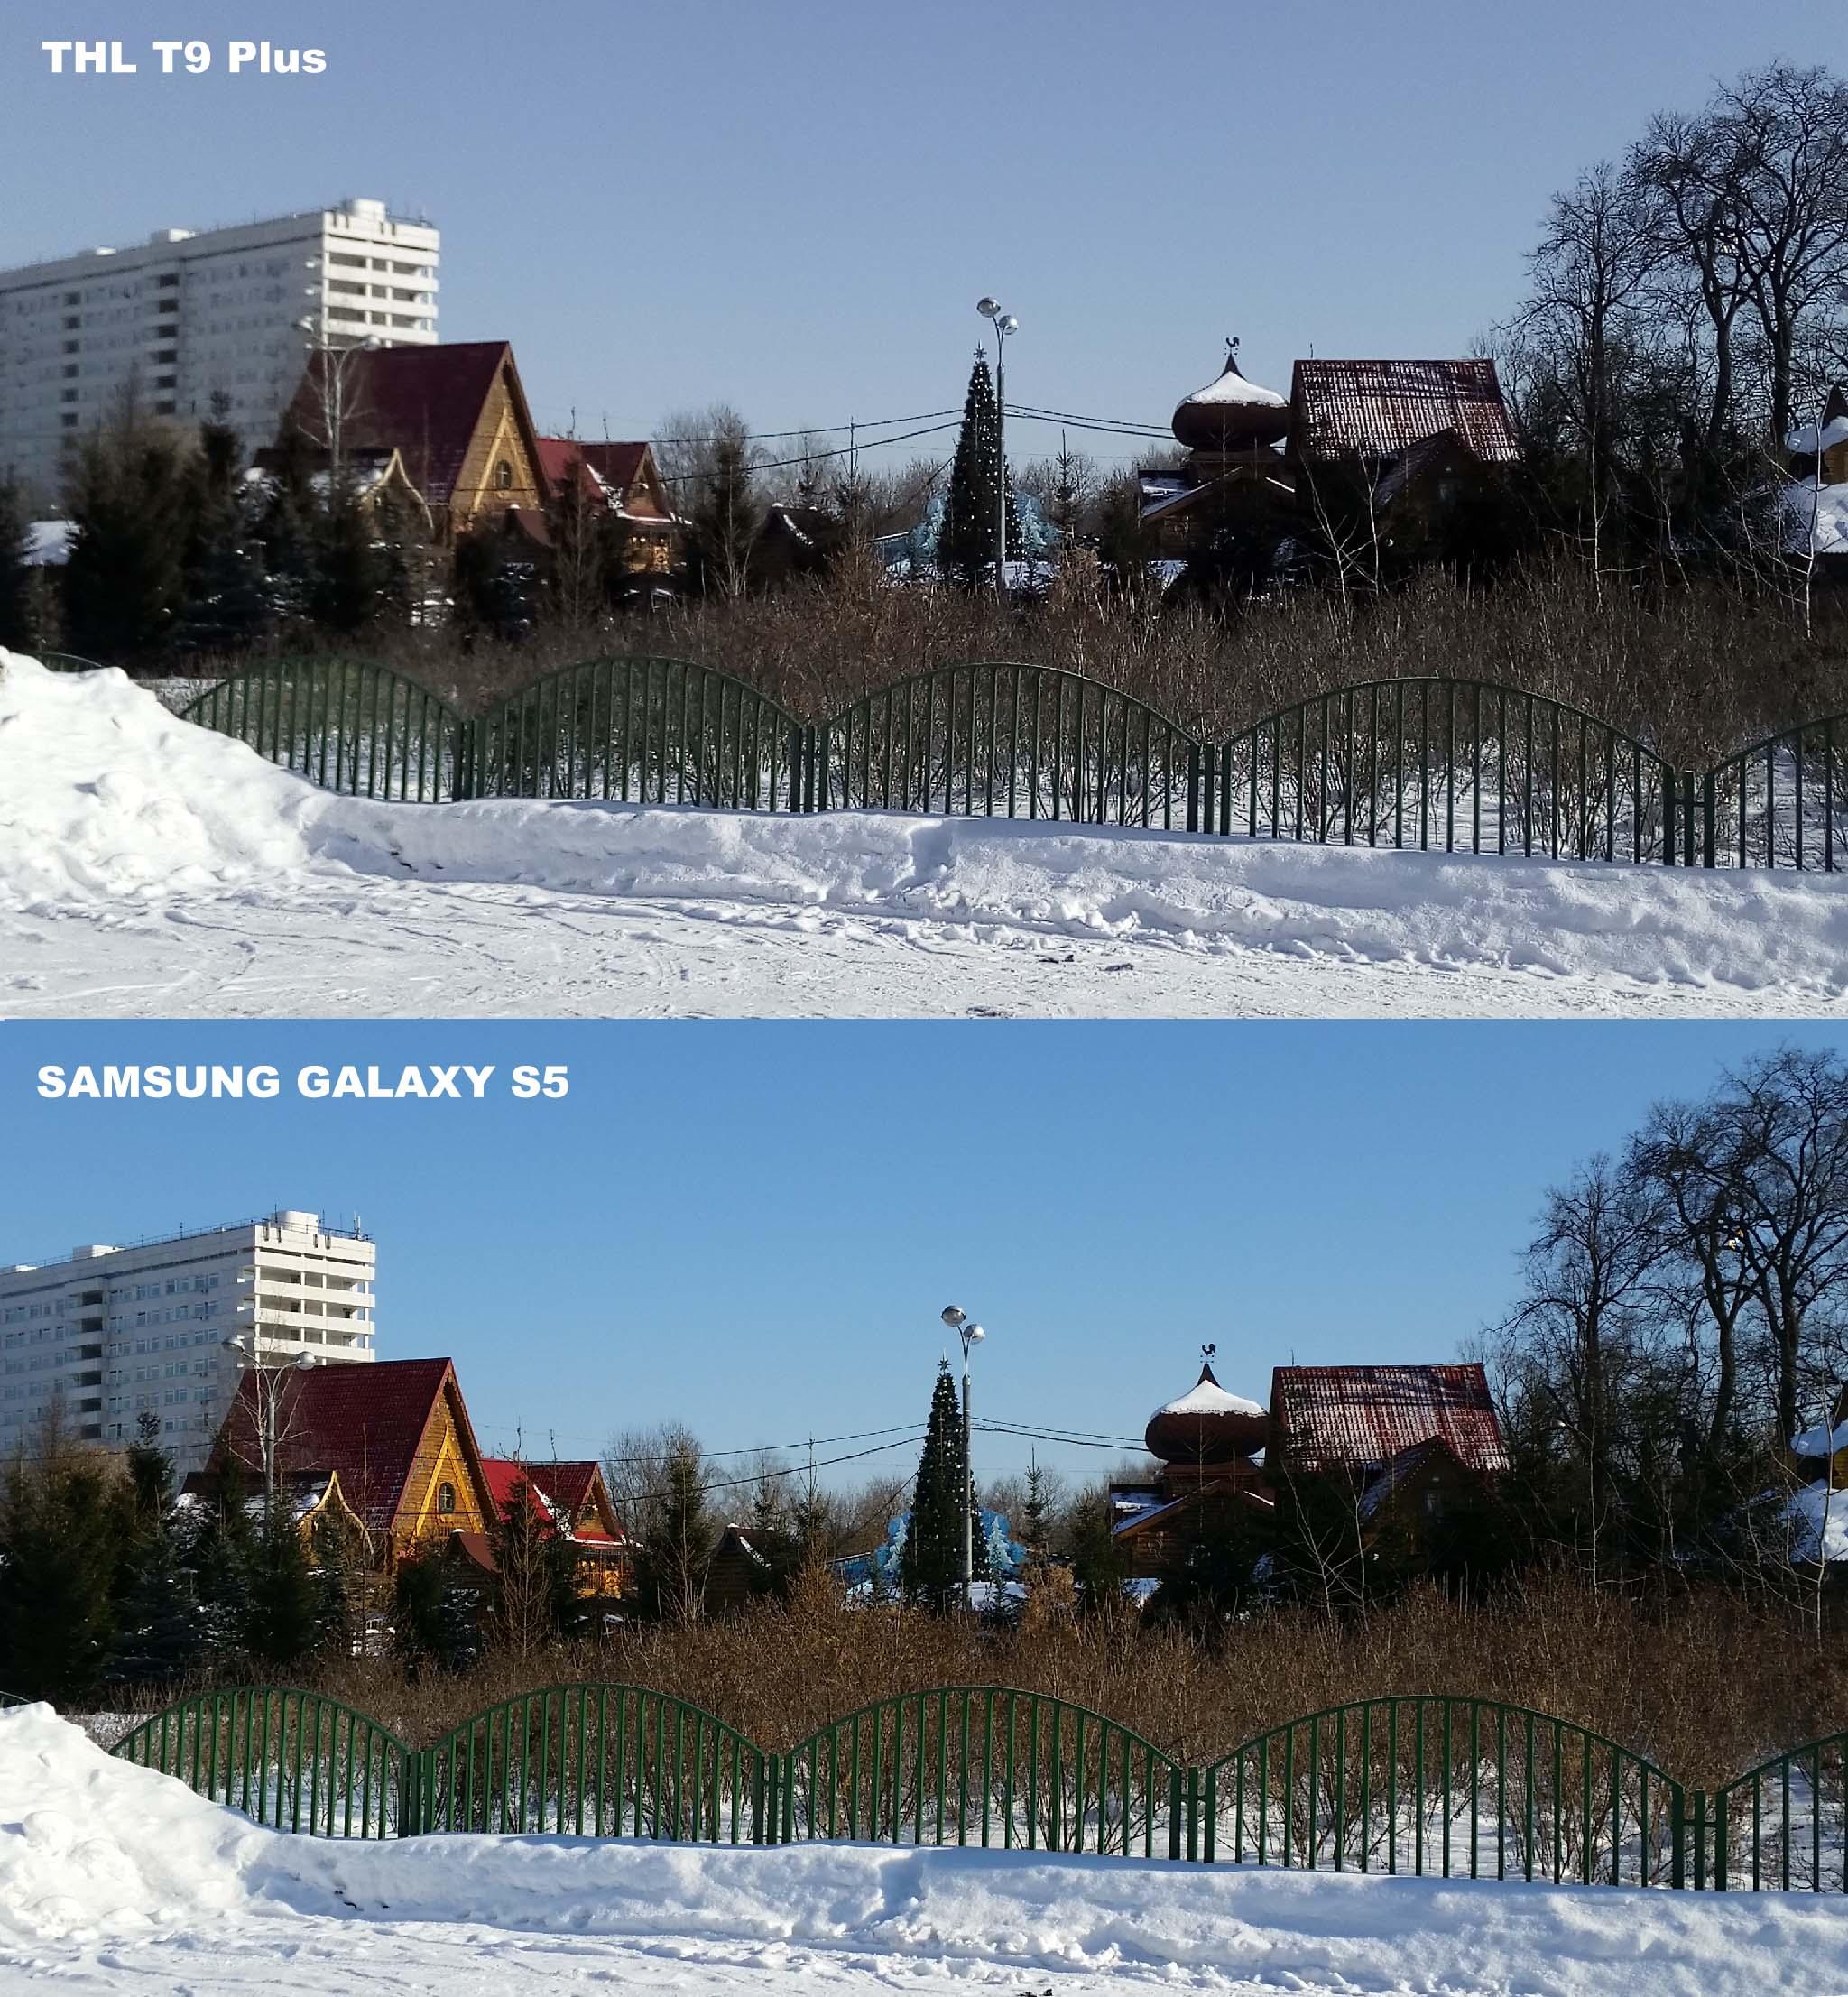 Нажмите на изображение для увеличения.  Название:14 Compare 3.jpg Просмотров:36 Размер:613.1 Кб ID:181232